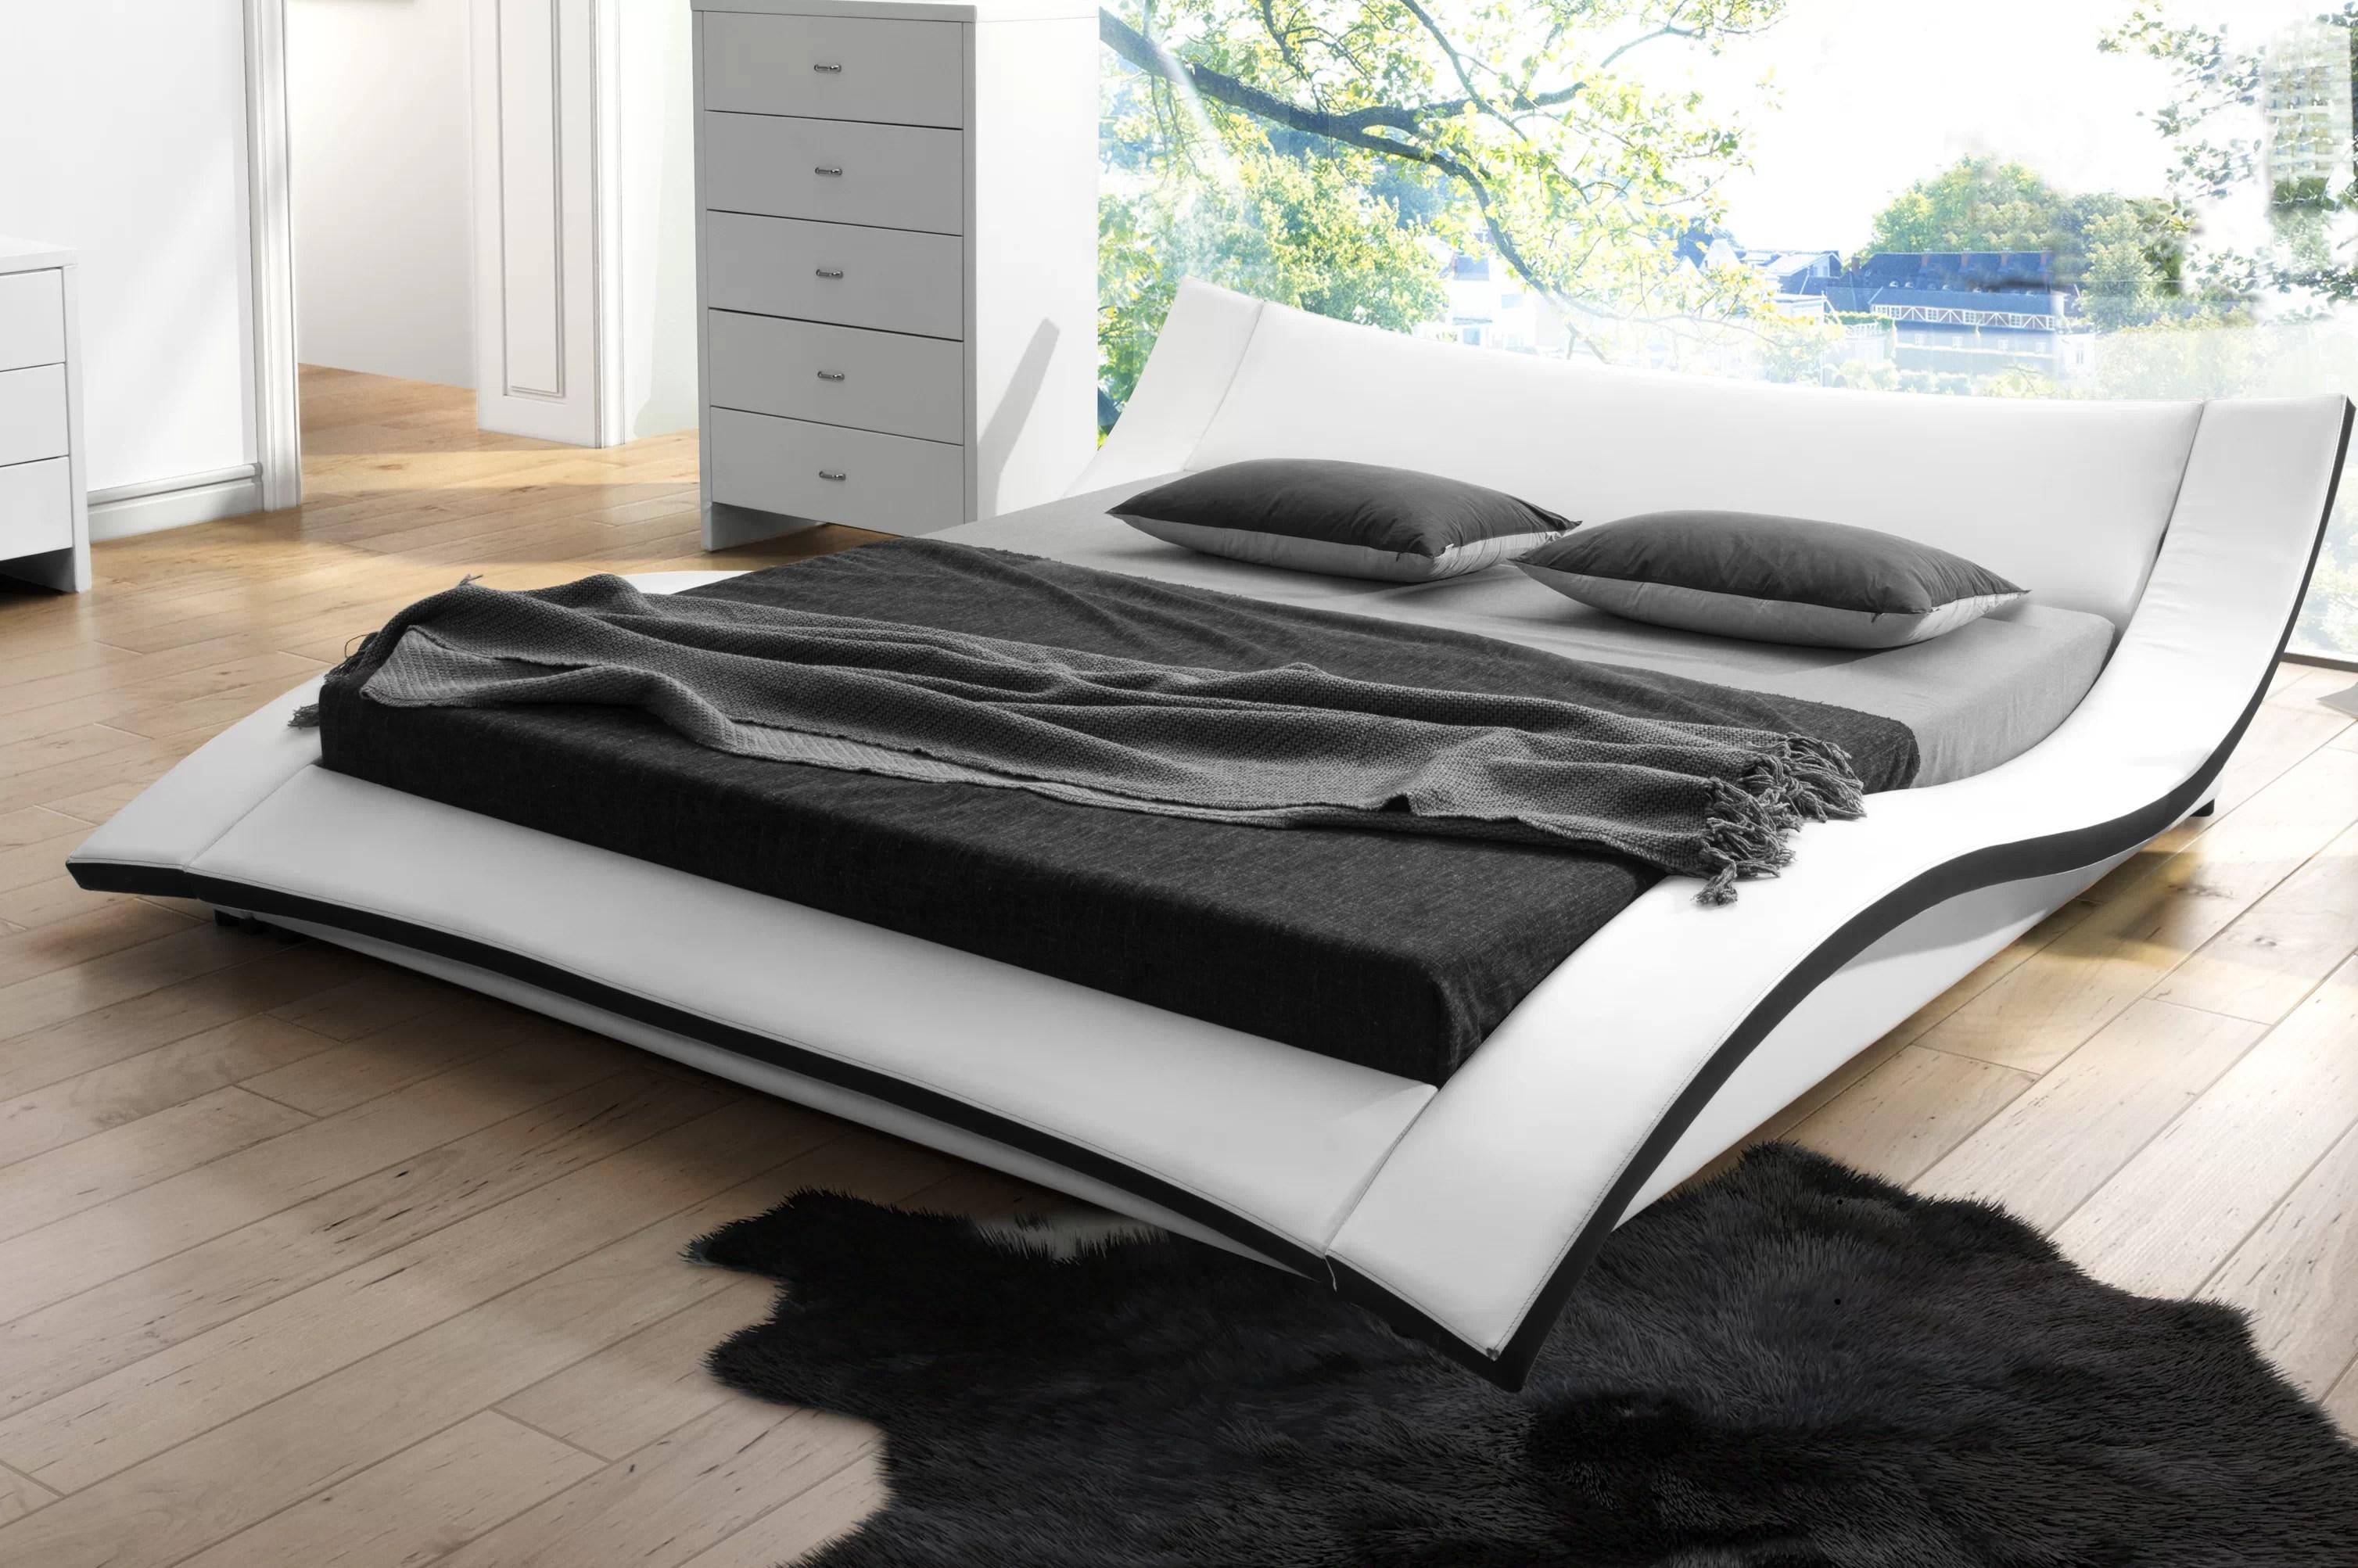 Orren Ellis Harvard Upholstered Platform Bed Reviews